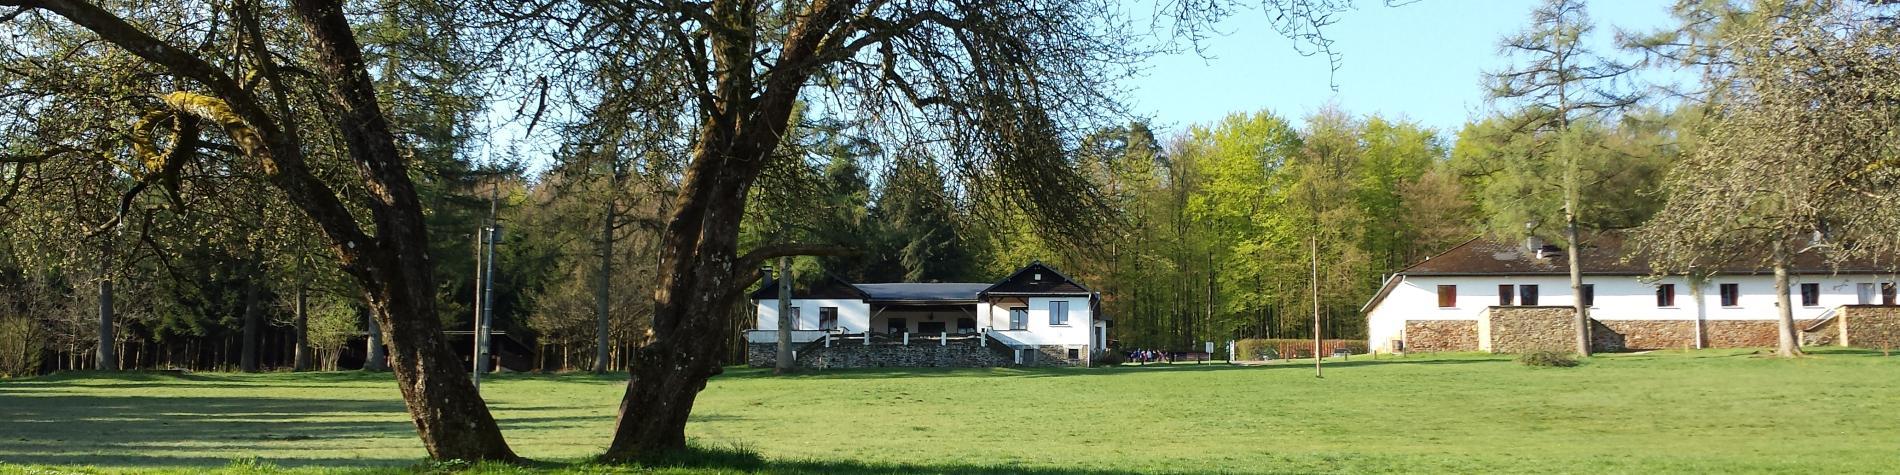 Centre YWCA - Pavillon & Sleeping - Louette-Saint-Pierre